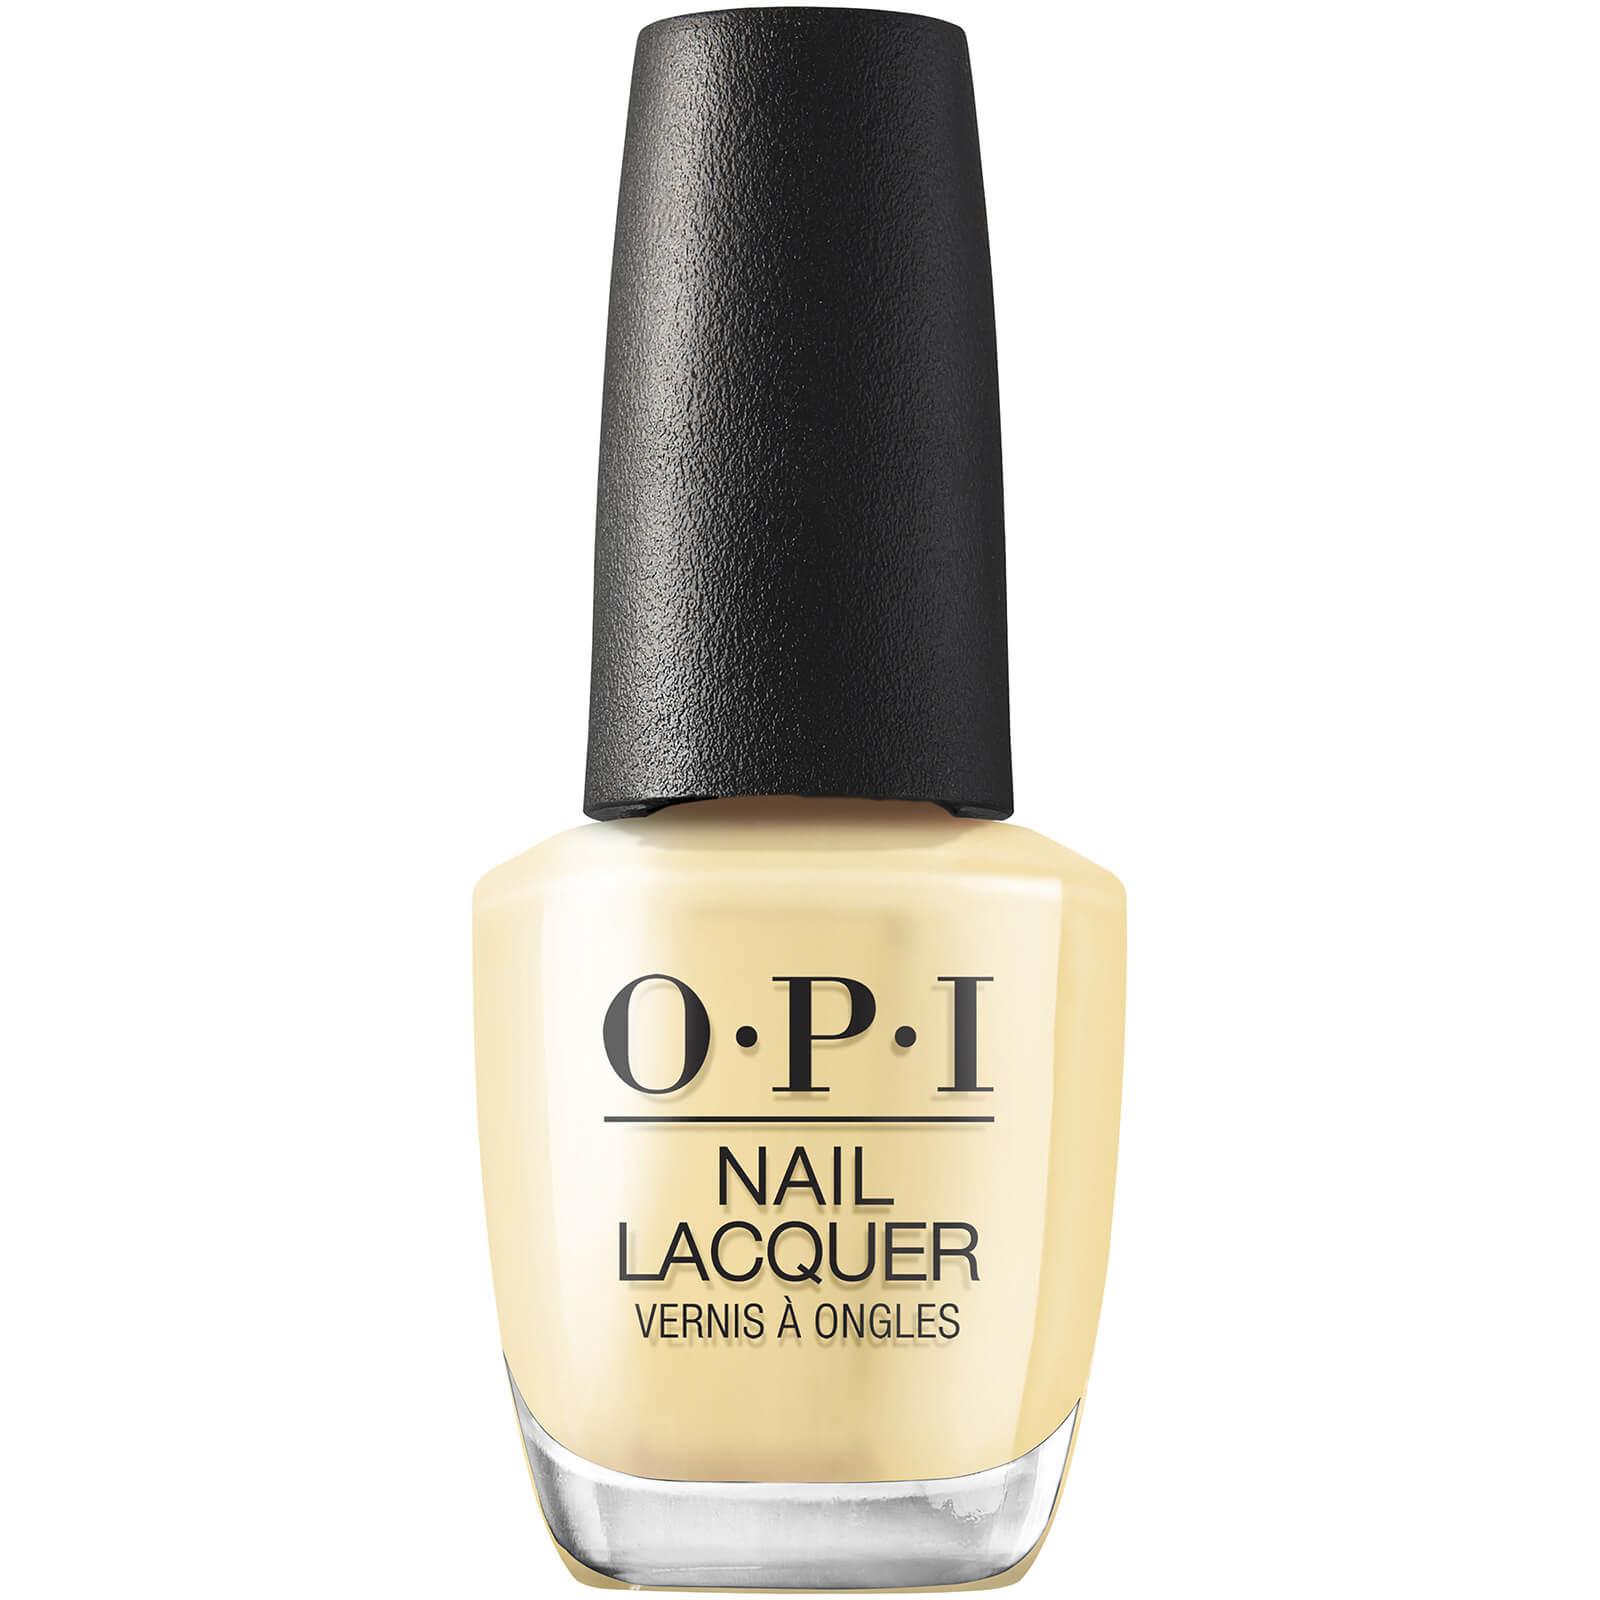 OPI Hollywood Collection Nail Polish 15ml (Various Shades) - Bee-hind the Scenes